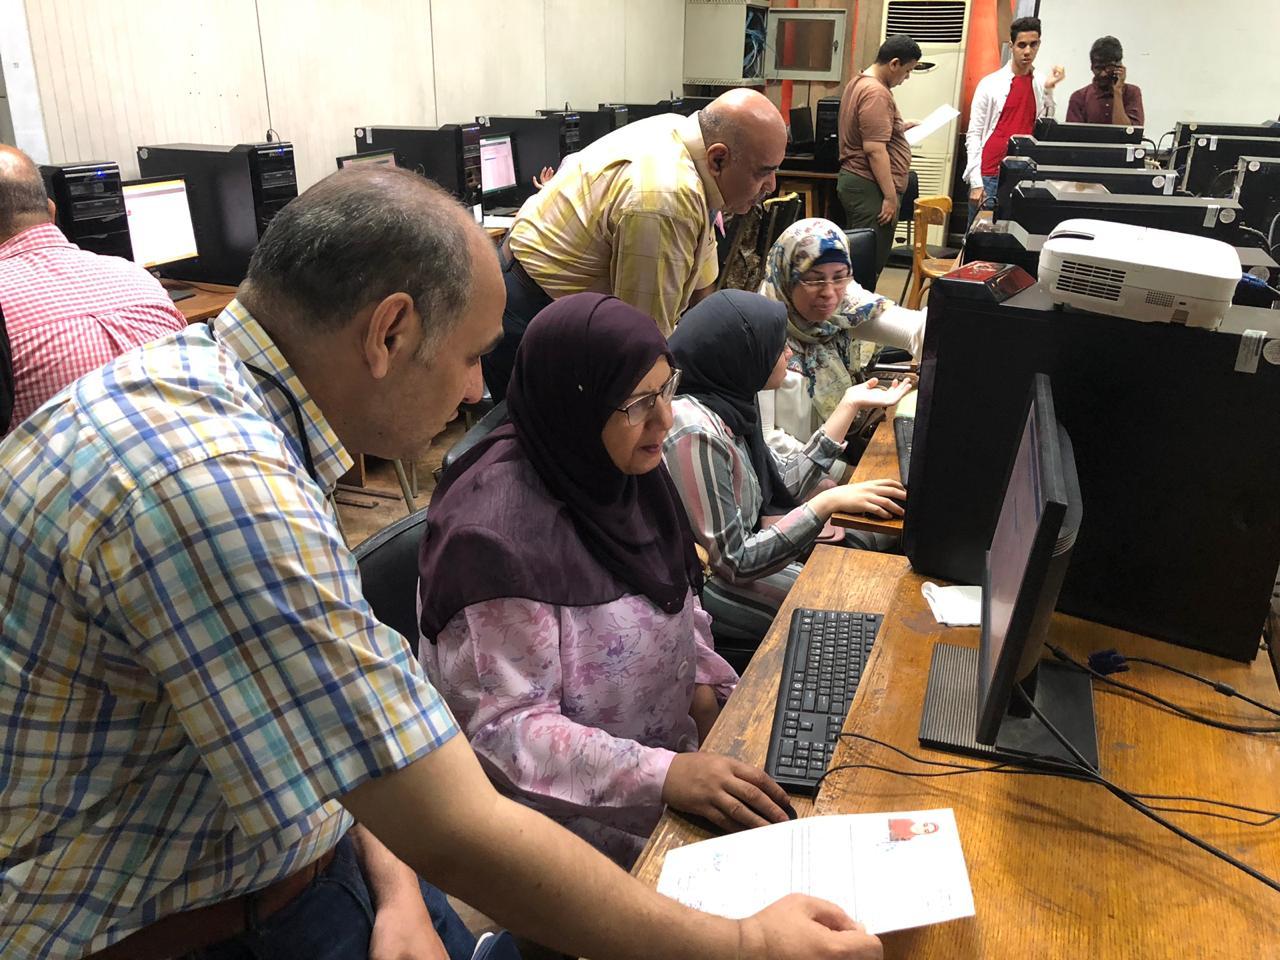 معامل الحاسب الآلى بالجامعات تبدأ استقبال طلاب المرحلة الأولى للتنسيق